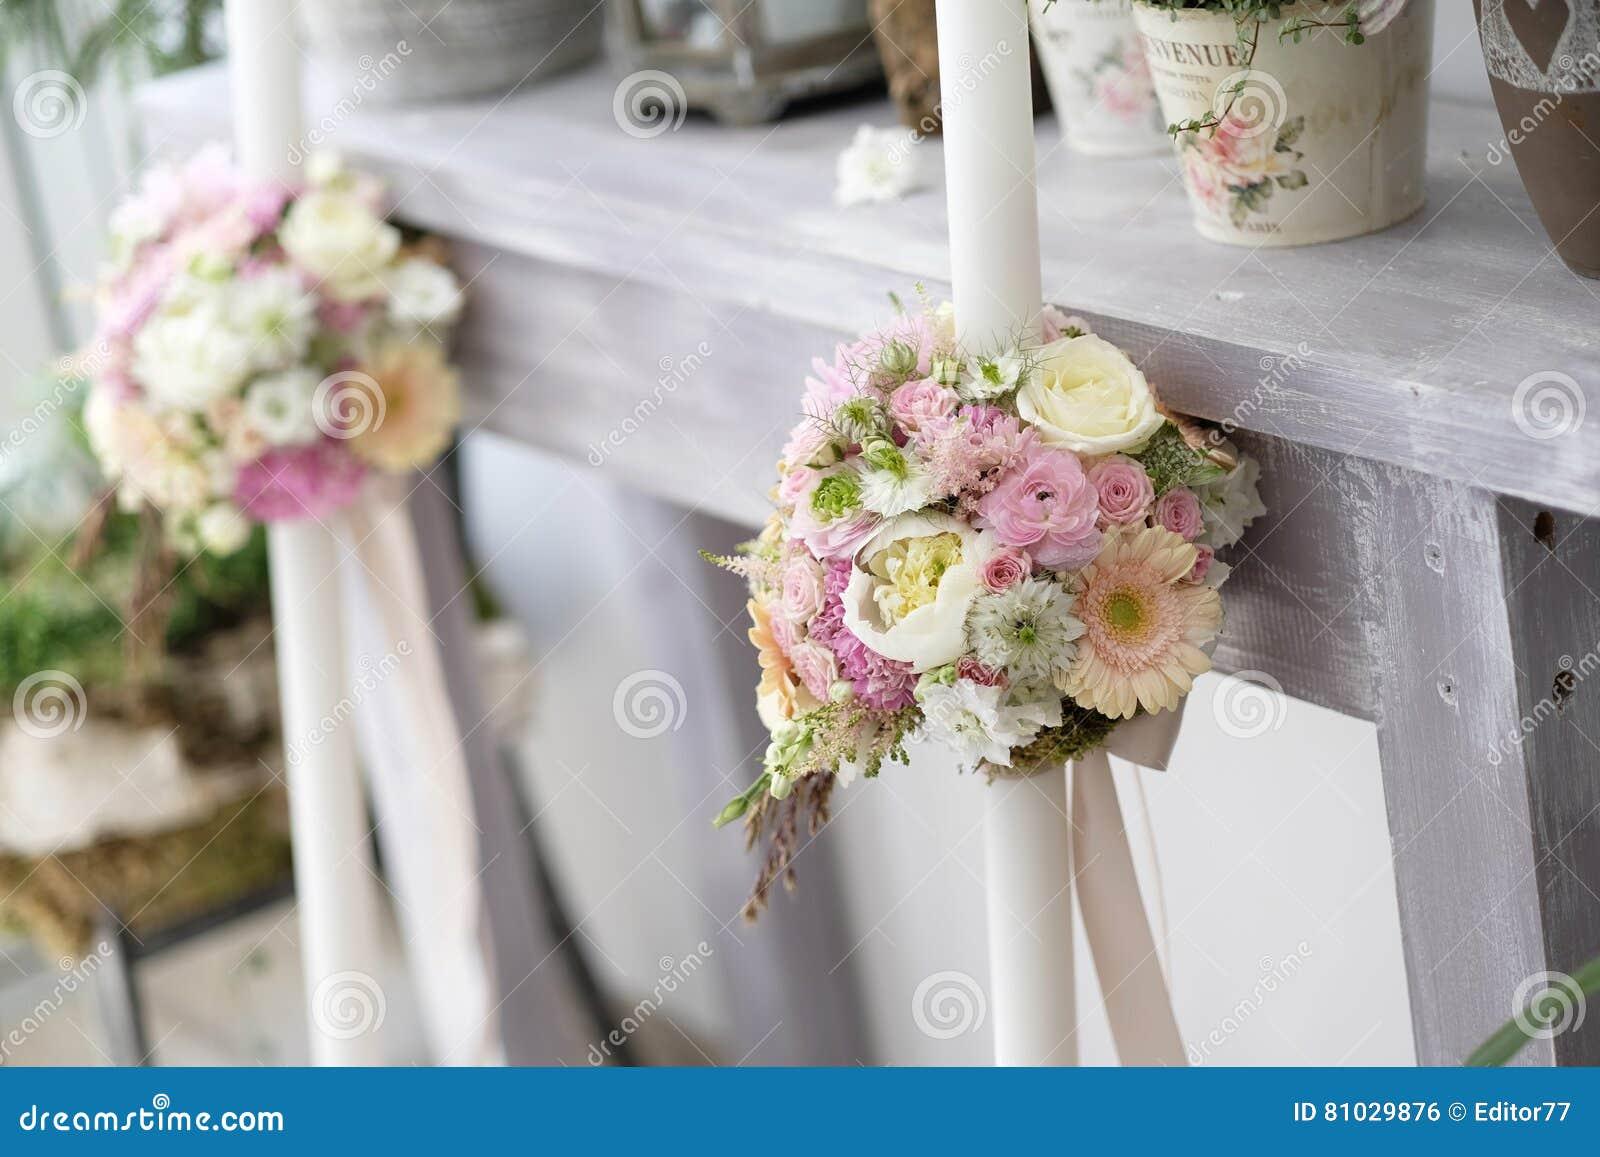 Taufkerzen Mit Blumengesteck Stockfoto Bild Von Pink